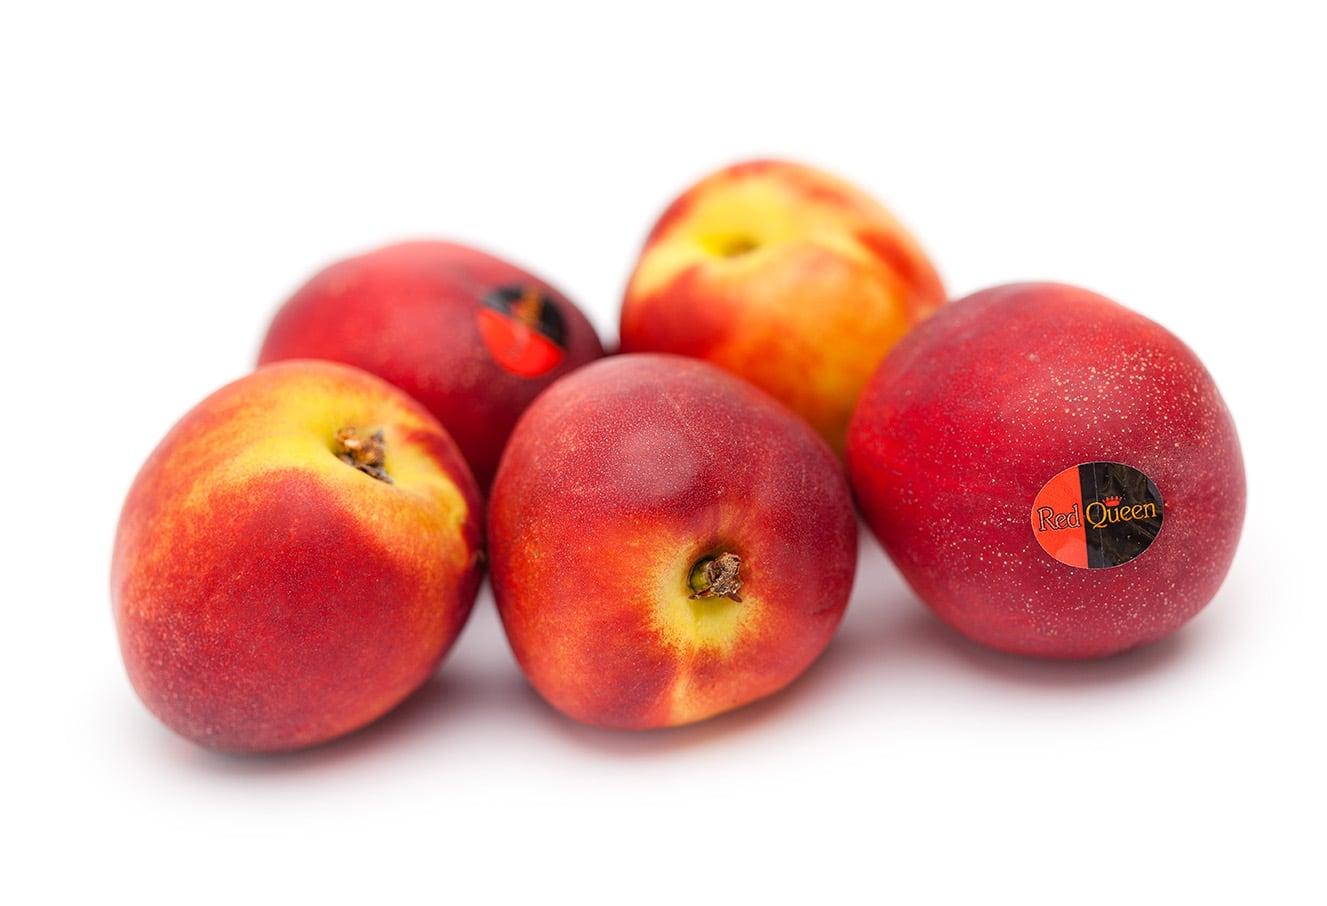 Actueel: Week 21 Groente En Fruit Producten